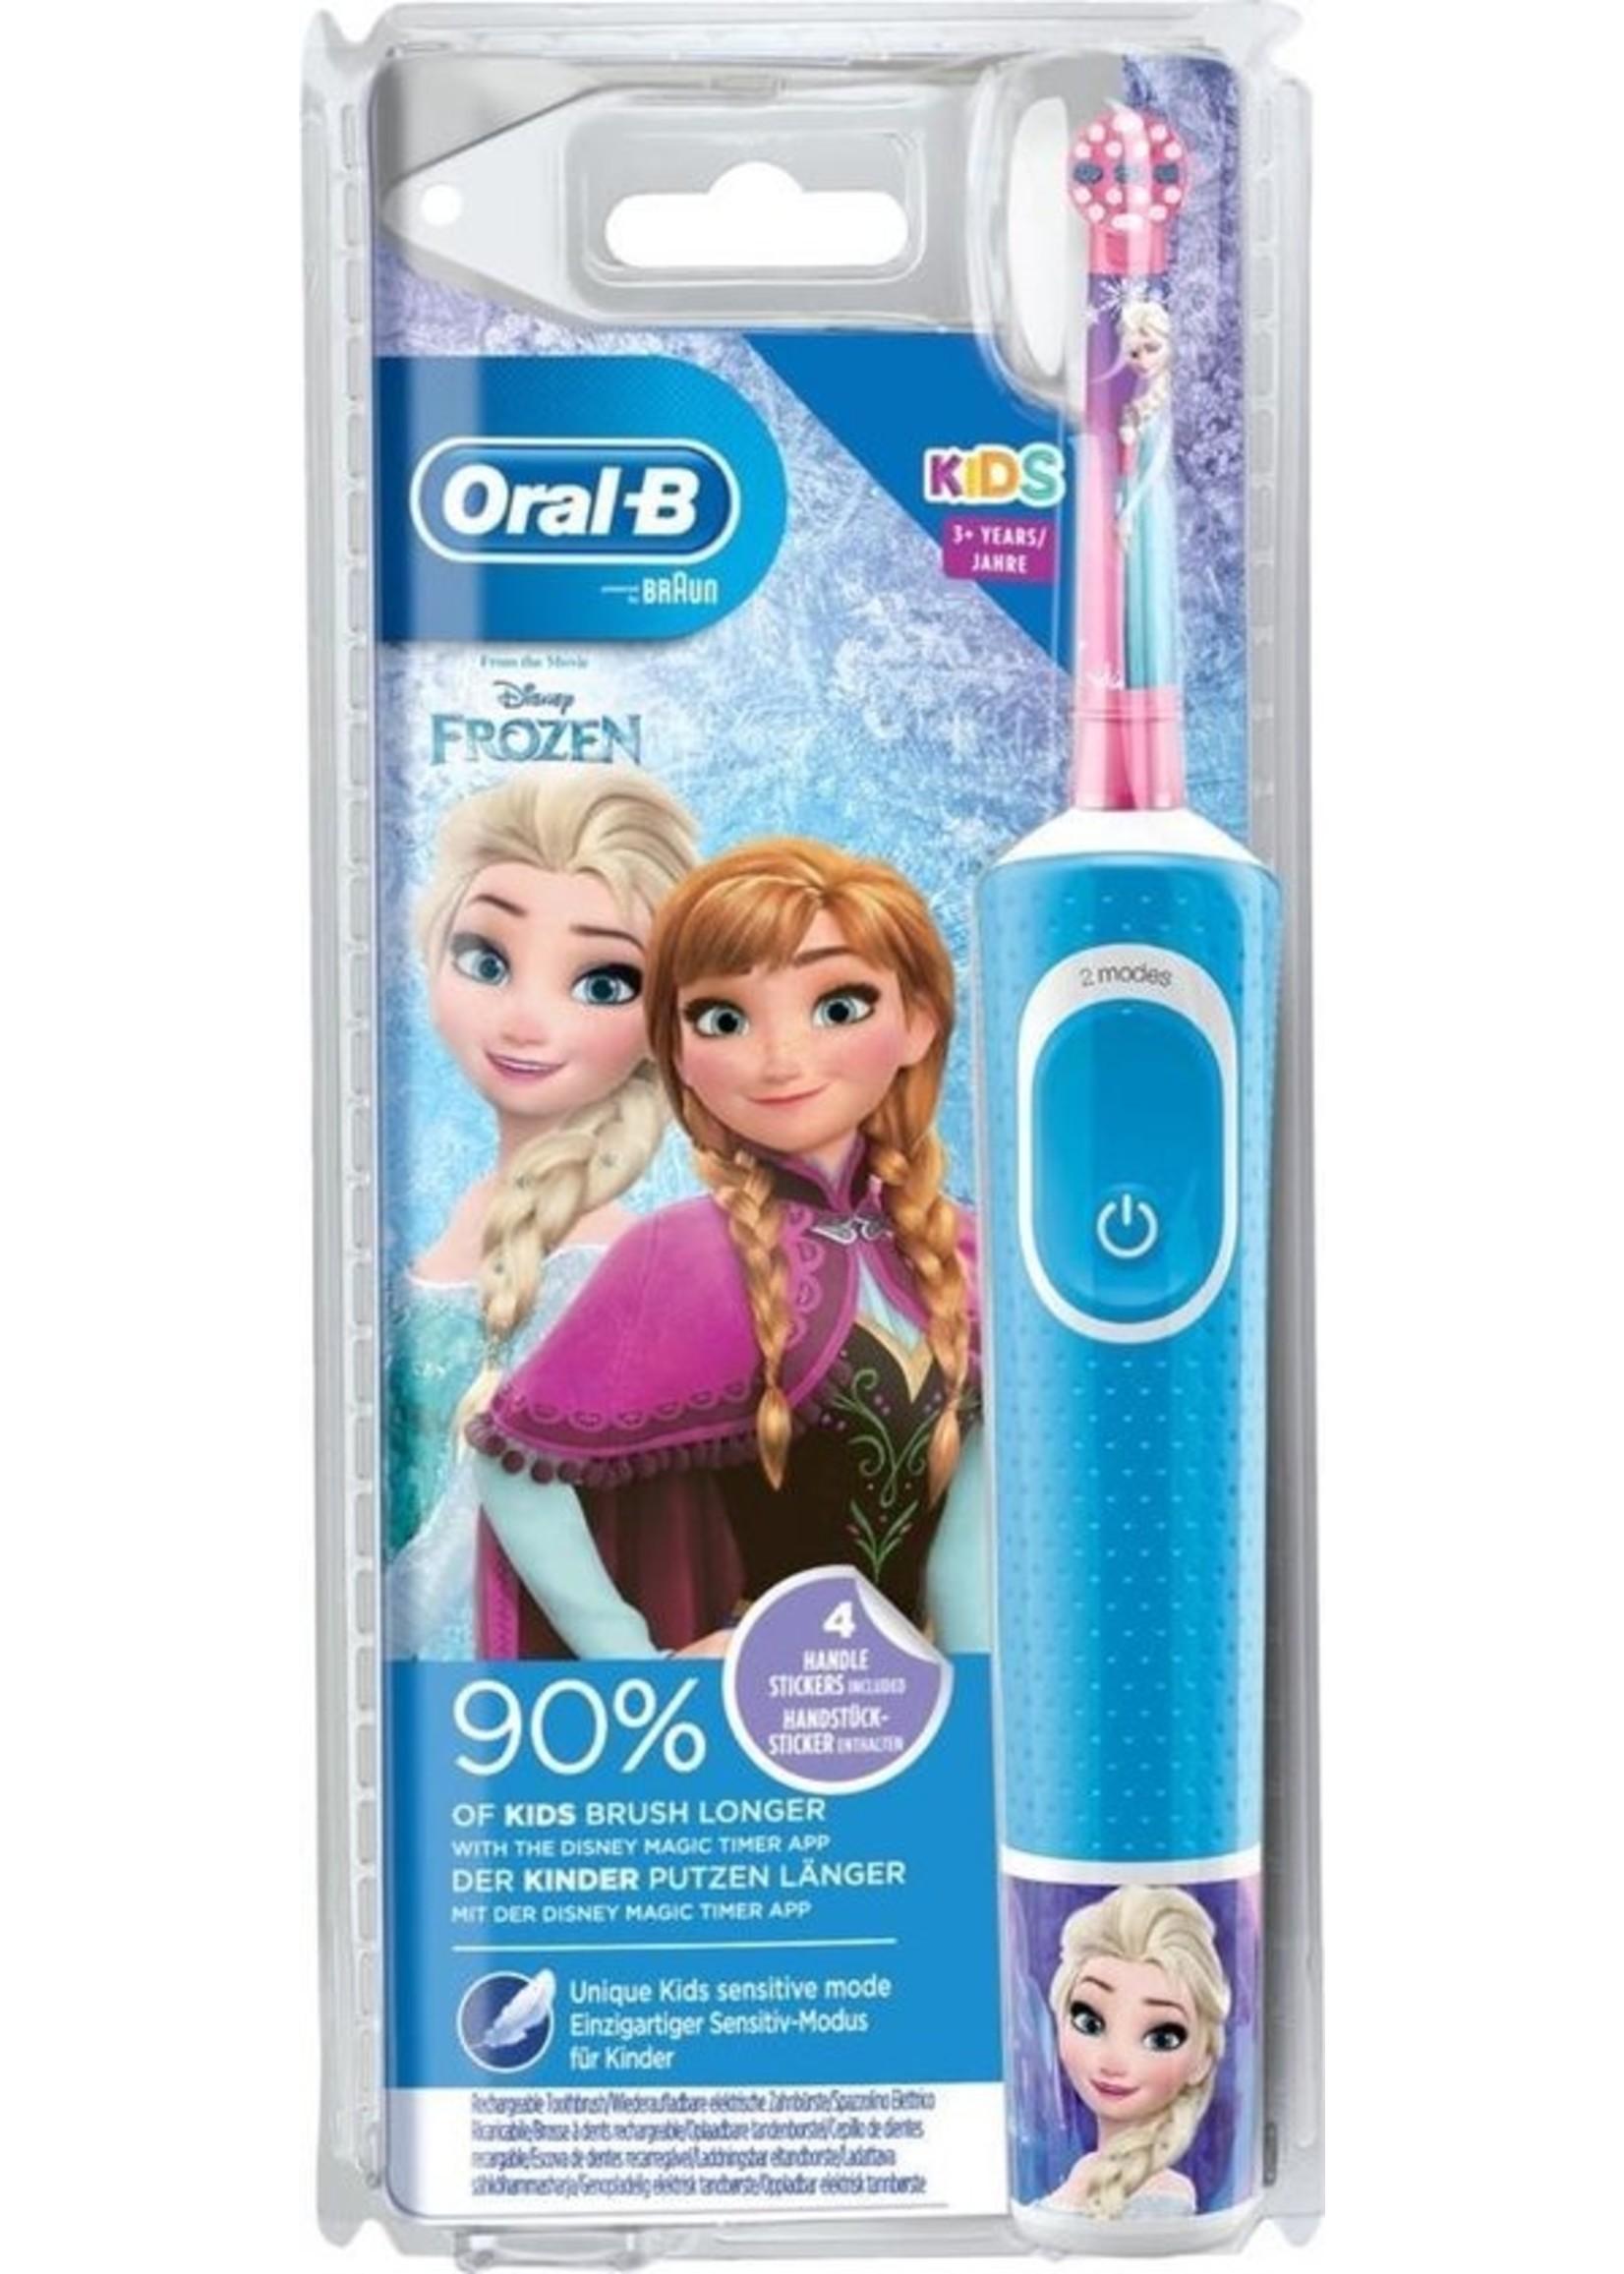 Oral-B Oral-B Kids Frozen - Elektrische Tandenborstel